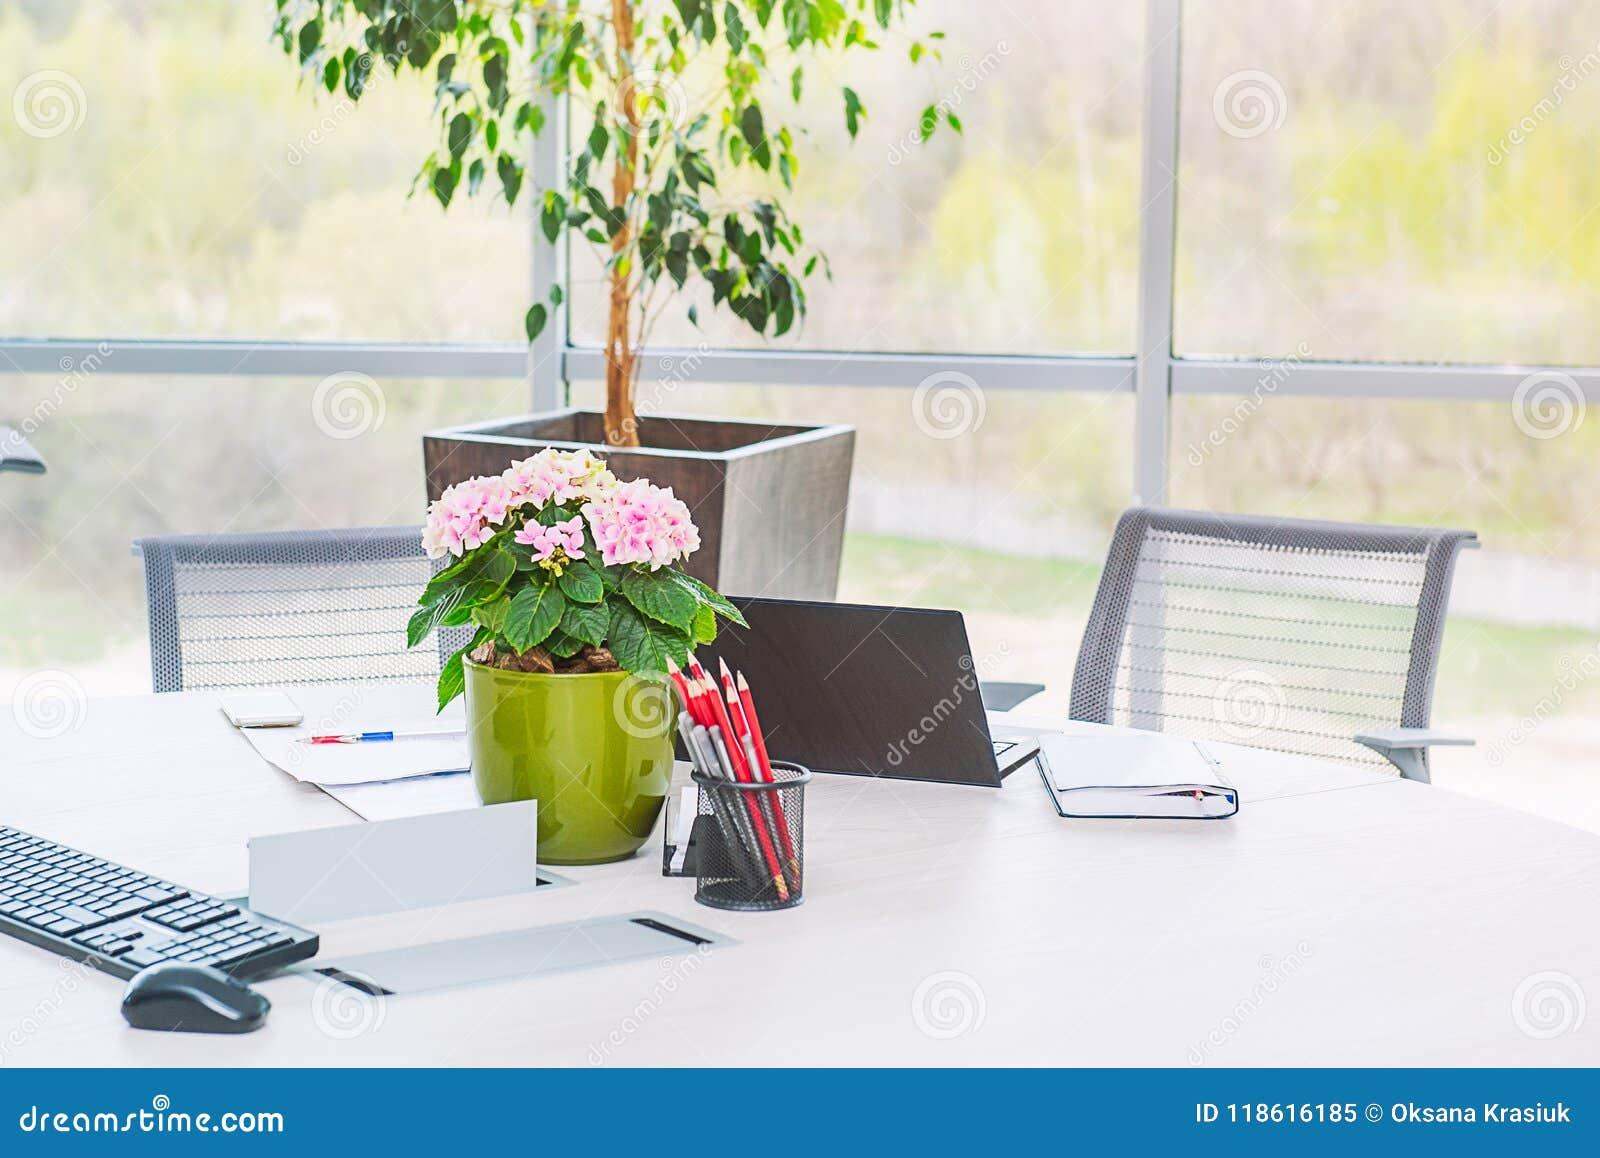 Elegantes Escritorios De Oficina Modernos.Lugar De Trabajo Elegante Moderno De Oficina Cerca De La